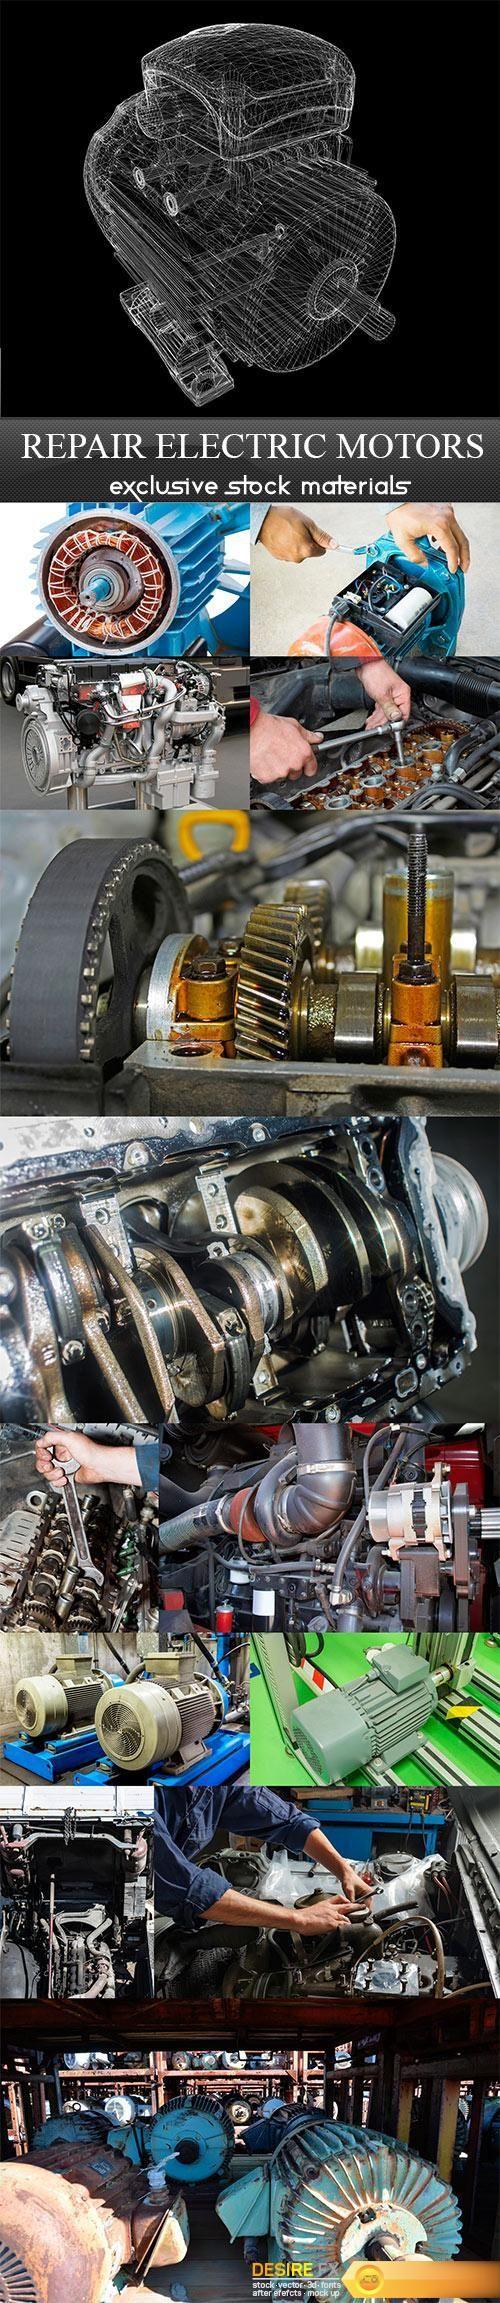 Repair electric motors - 14 UHQ JPEG  http://www.desirefx.me/repair-electric-motors-14-uhq-jpeg/